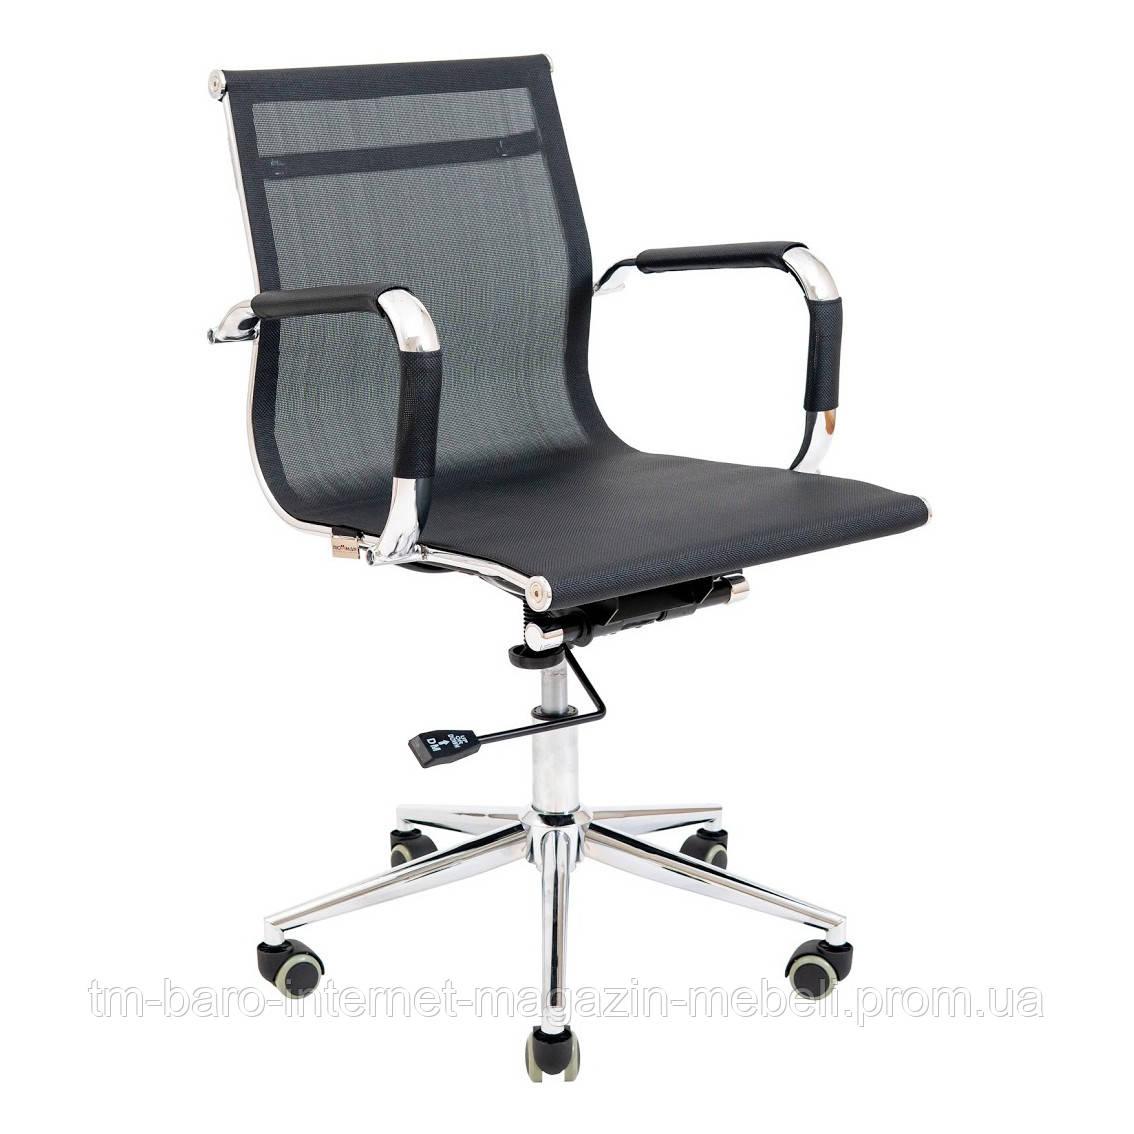 Кресло Кельн ЛБ черный, Richman